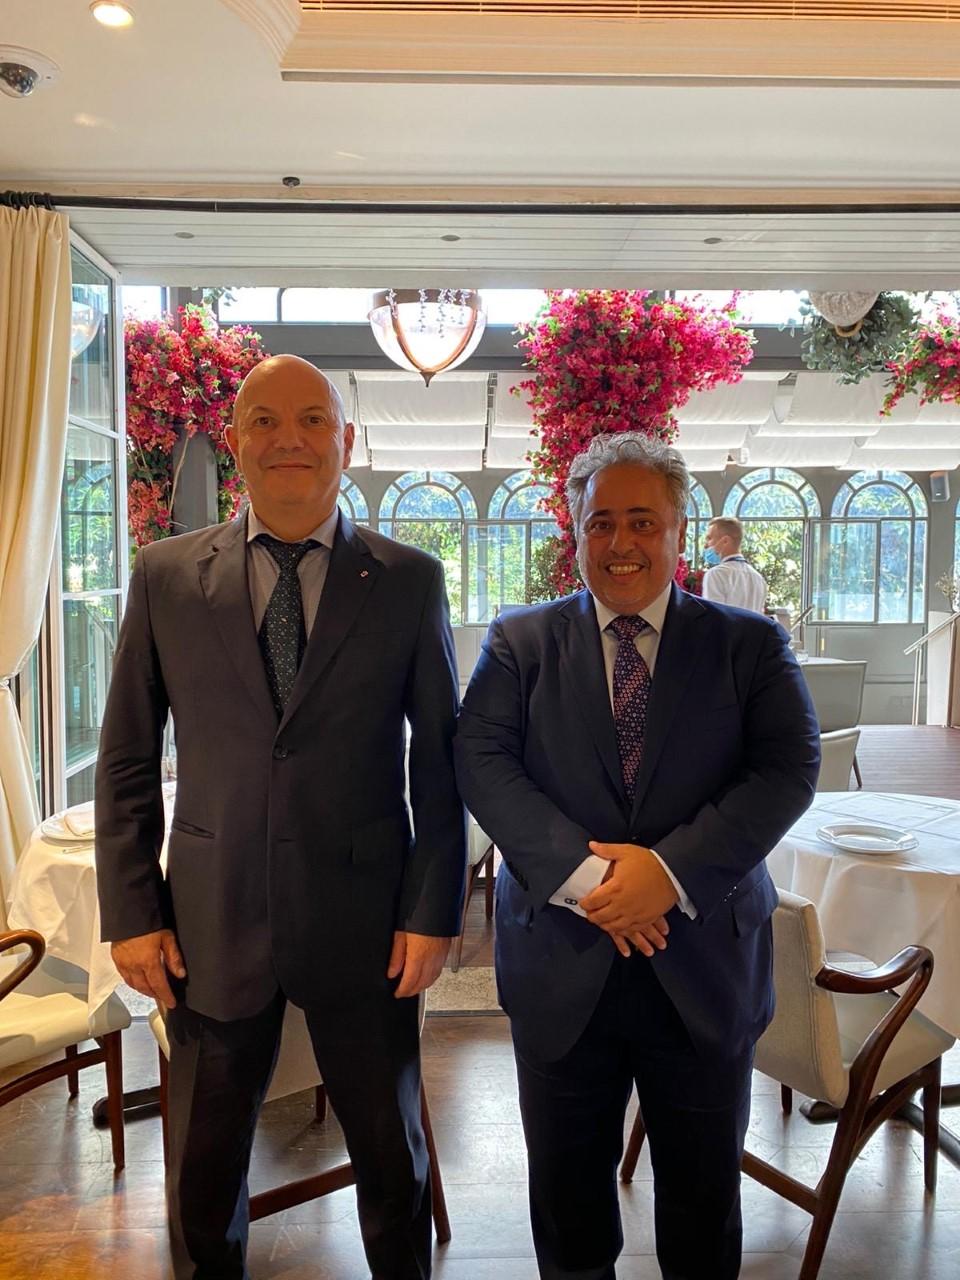 وزير العلاقات الخارجية والتعاون في إمارة موناكو يجتمع مع سفير دولة قطر